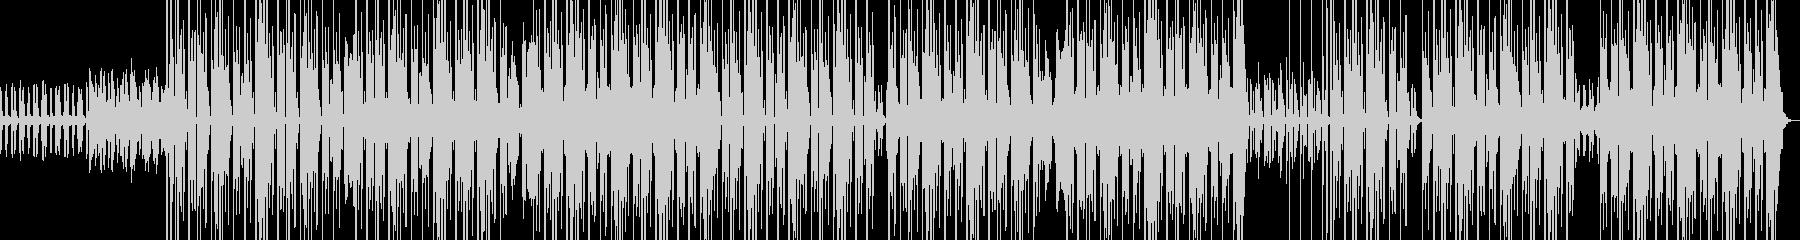 【808】ダークで、ディープな一曲の未再生の波形